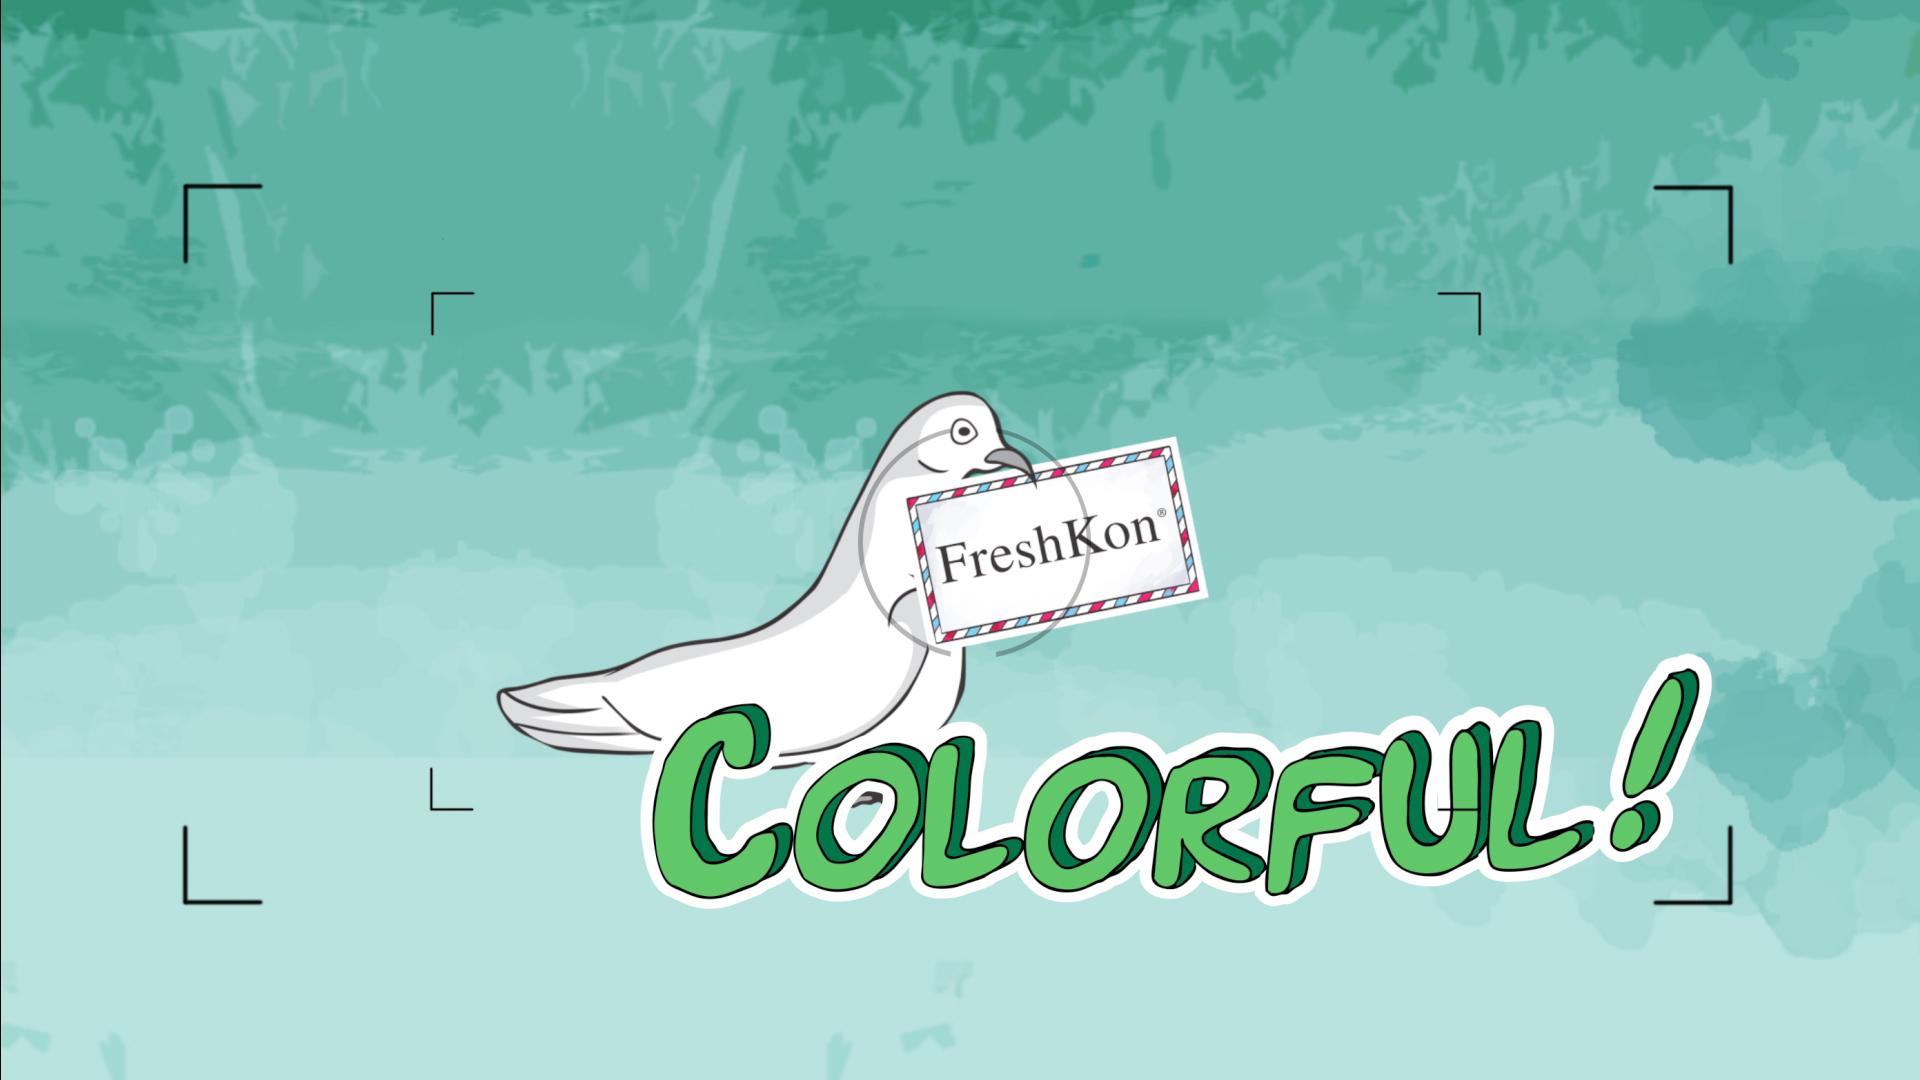 Freshkon_2015_30sec_edited_220116 (0-00-10-11)